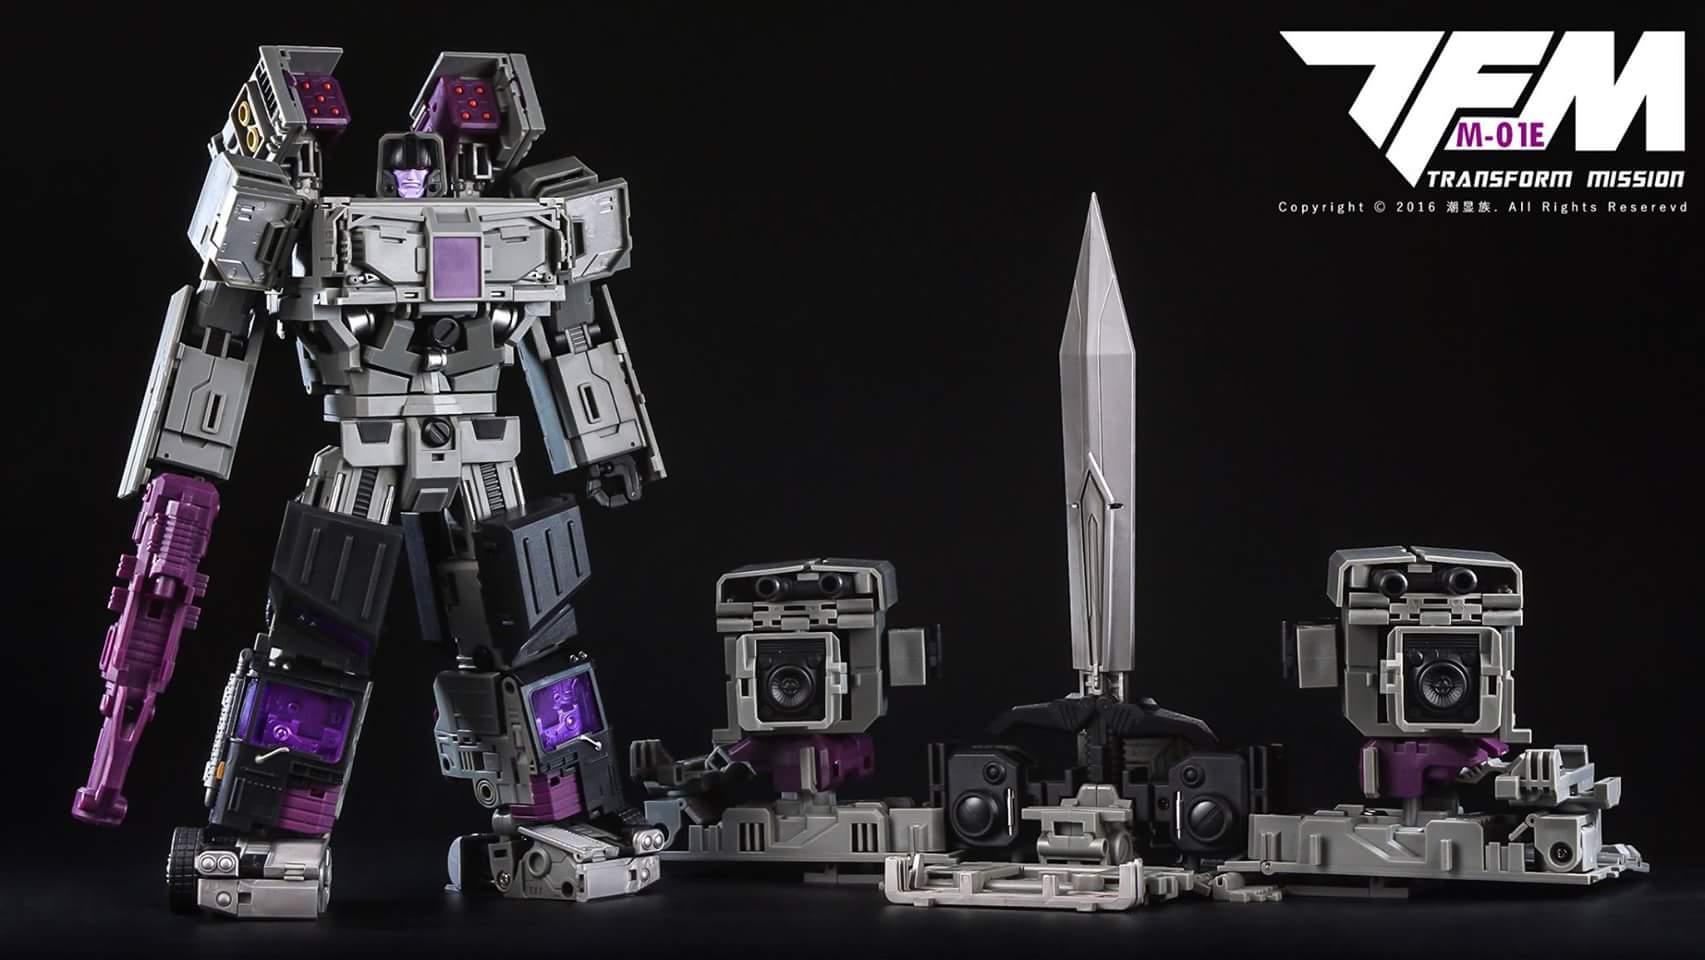 [Transform Mission] Produit Tiers - Jouet M-01 AutoSamurai - aka Menasor/Menaseur des BD IDW - Page 4 SyUWDez1